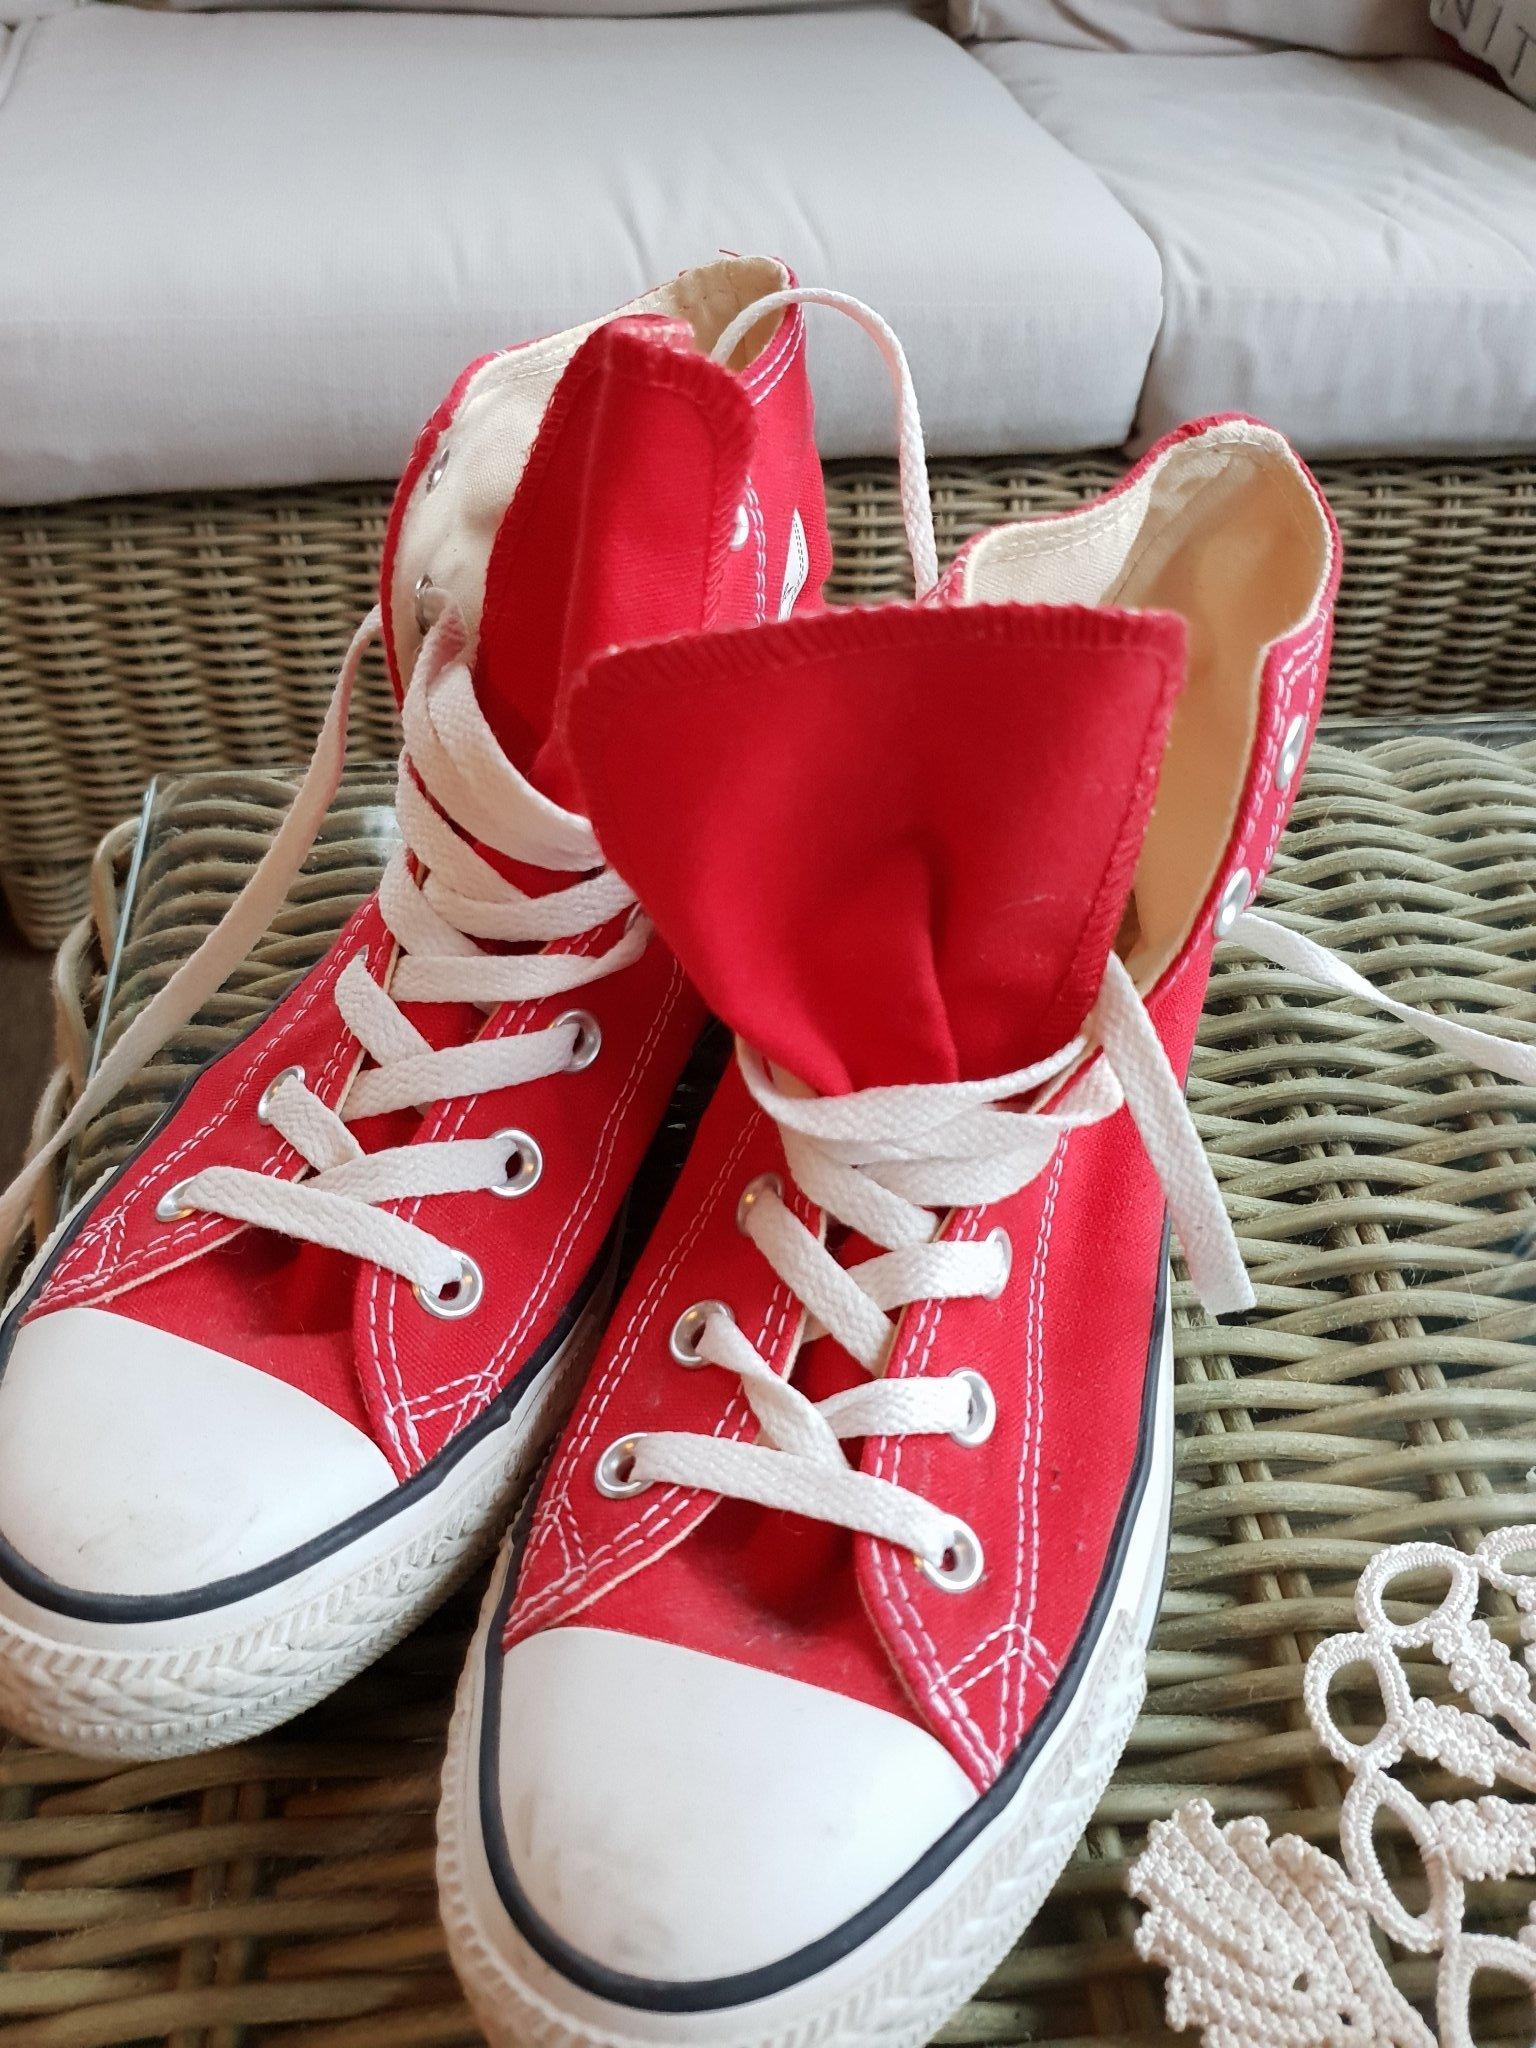 8b497ef505e Converse All Star röda 39 (352376909) ᐈ Köp på Tradera